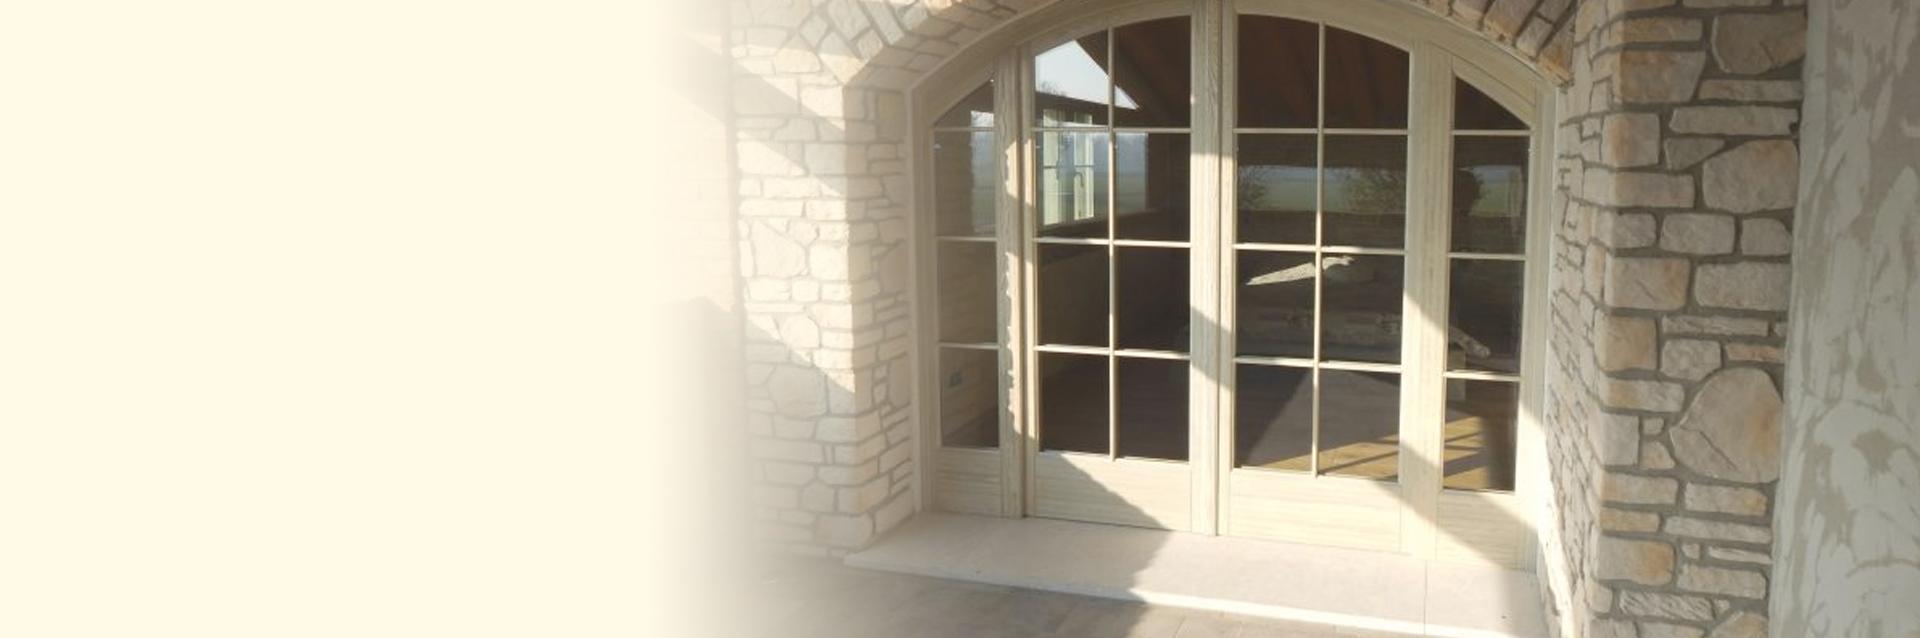 Realizzazione altri modelli padova porte finestre portoncini d 39 ingresso e scuri in legno - Modelli di finestre ...